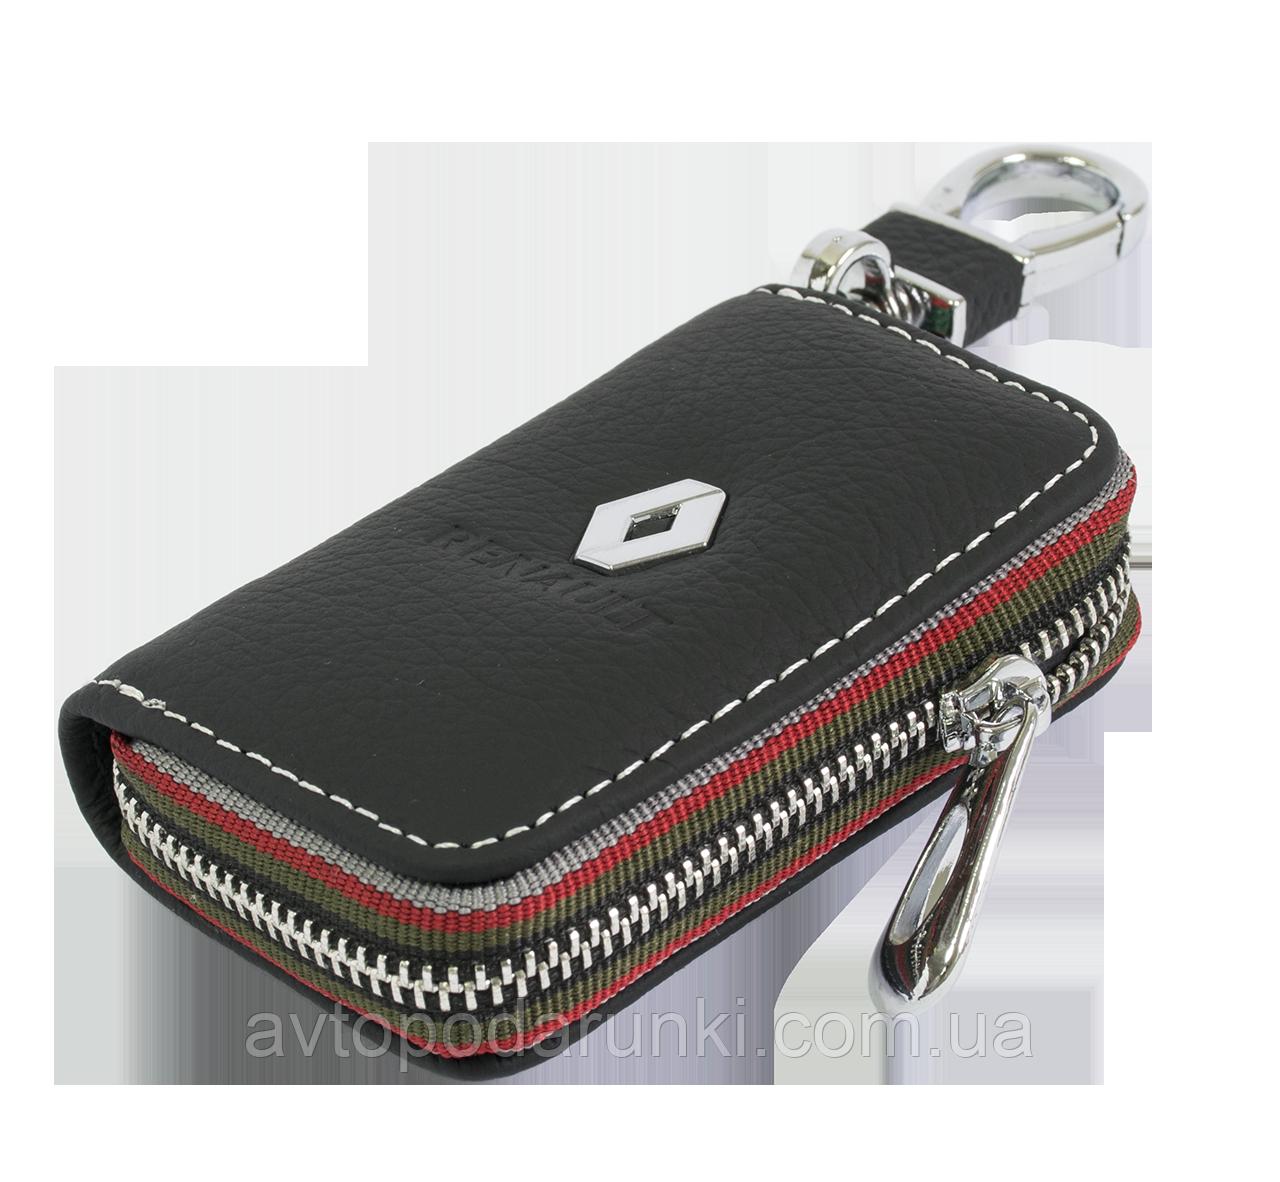 Ключница RENAULT, кожаная автоключница с логотипом  РЕНО (черная 20006)